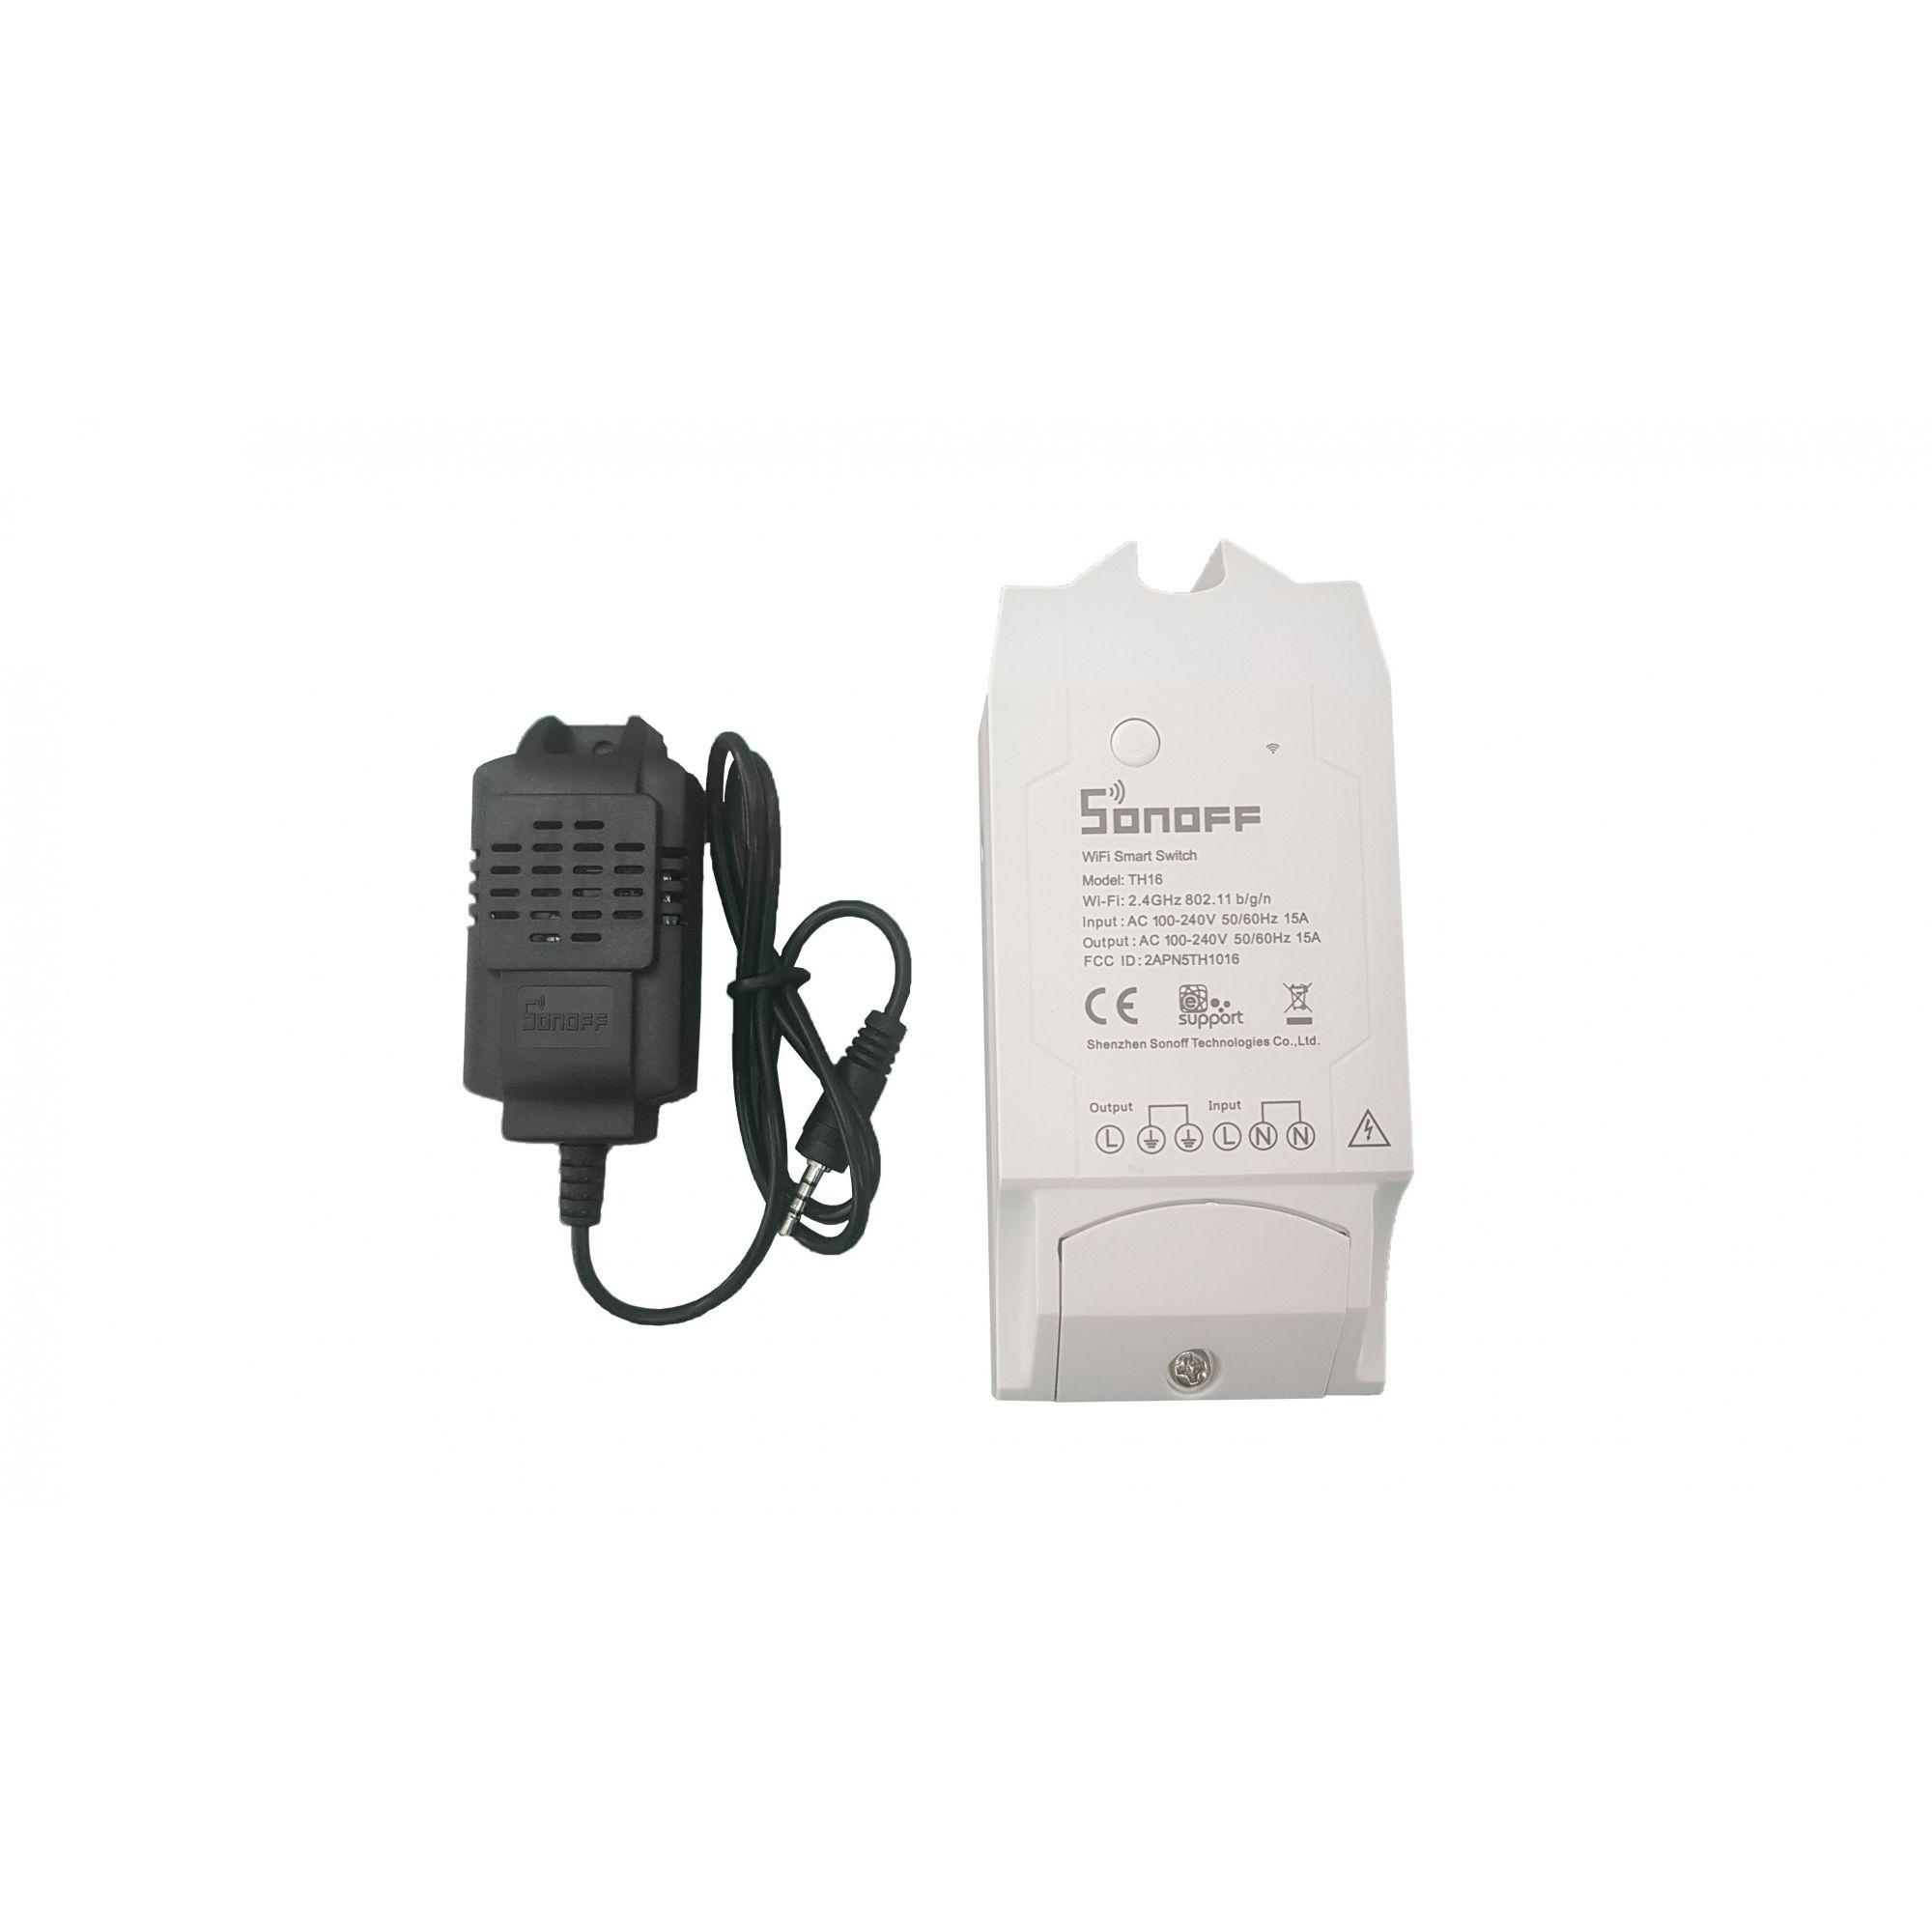 Sonoff TH 16 (Temperatura e umidade)